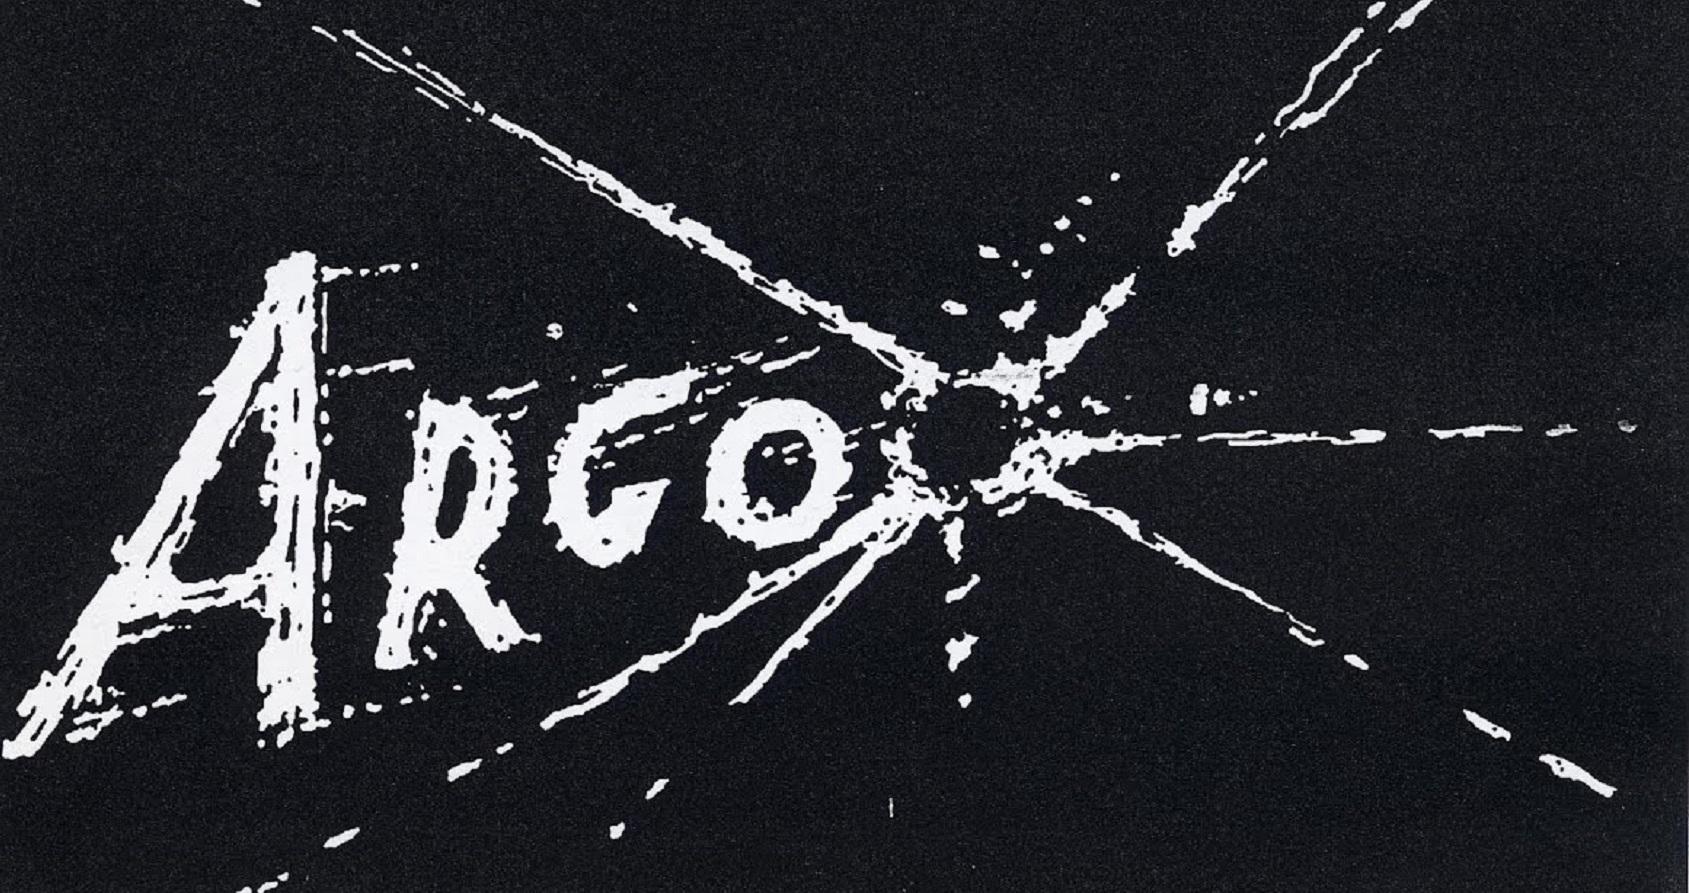 argo-ulyces-33